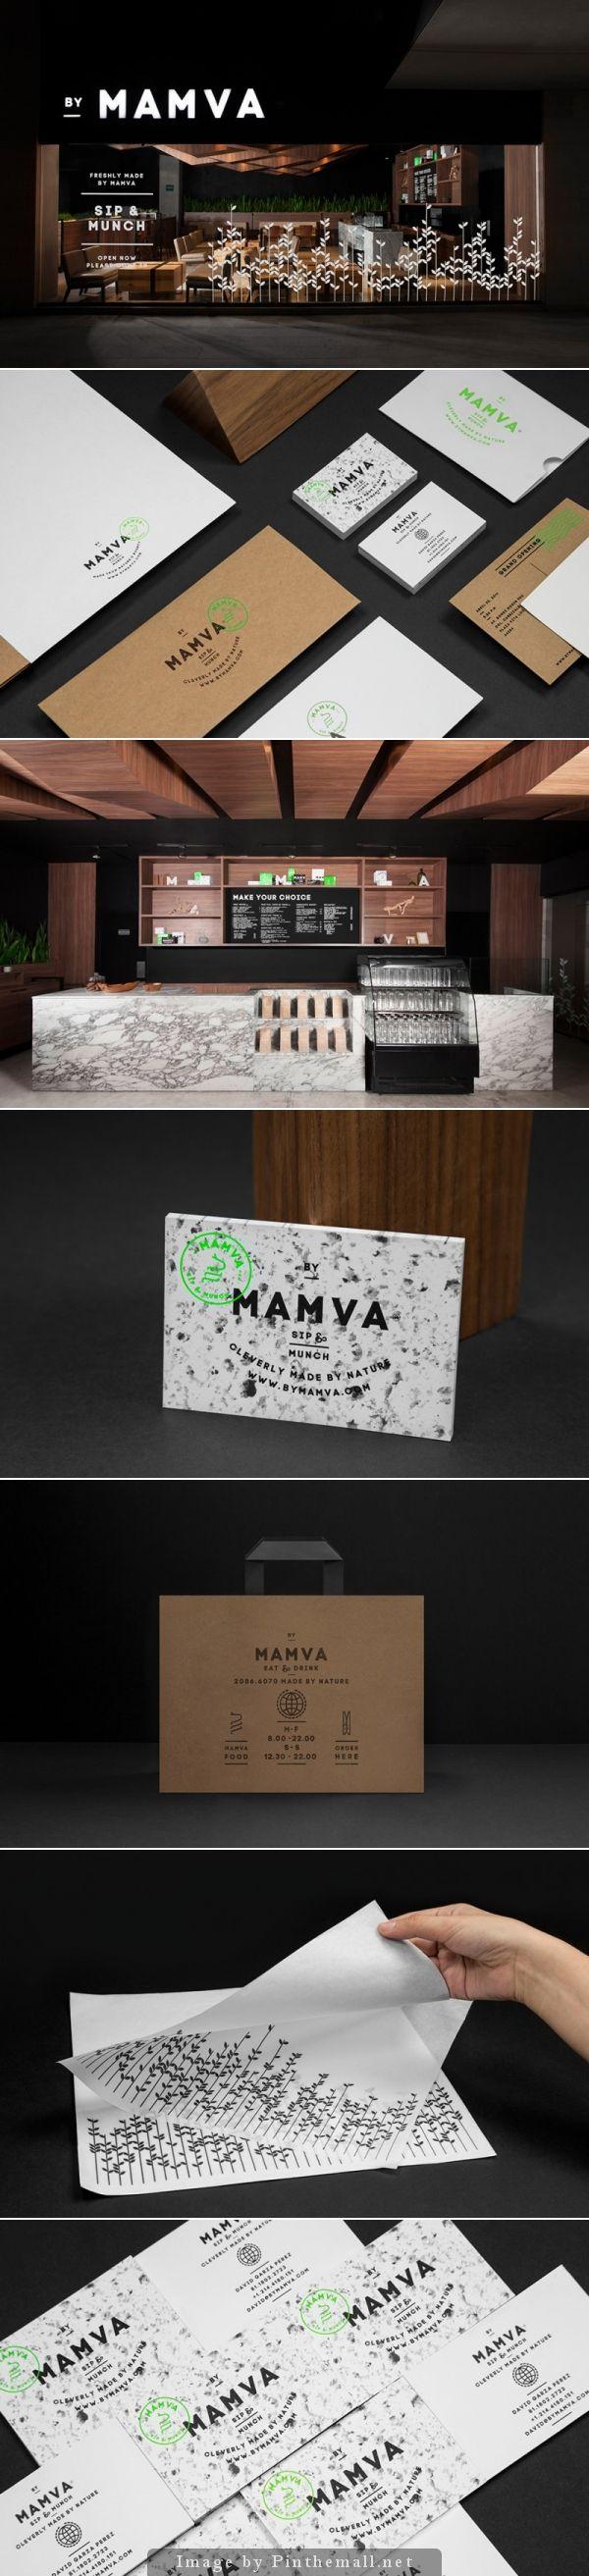 Mamva branding by Anagrama